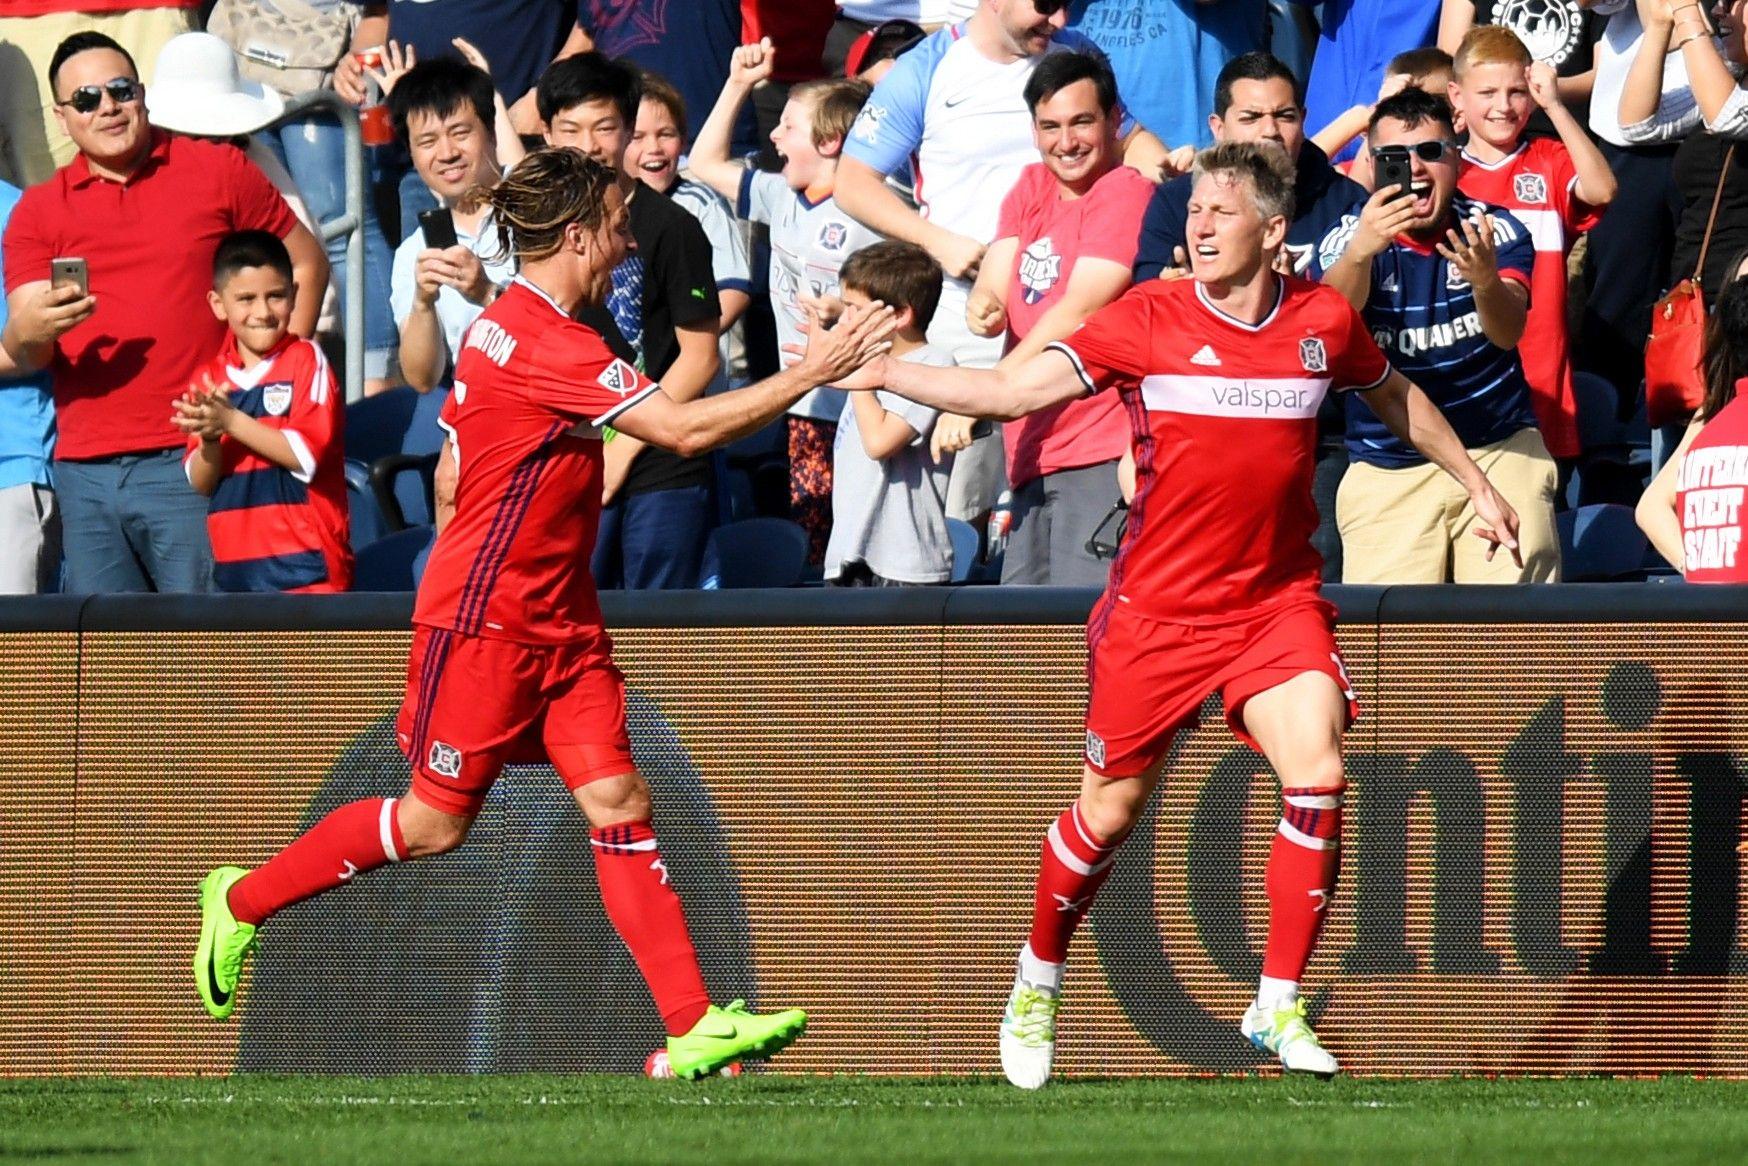 Chicago Fire midfielder Bastian Schweinsteiger, right.